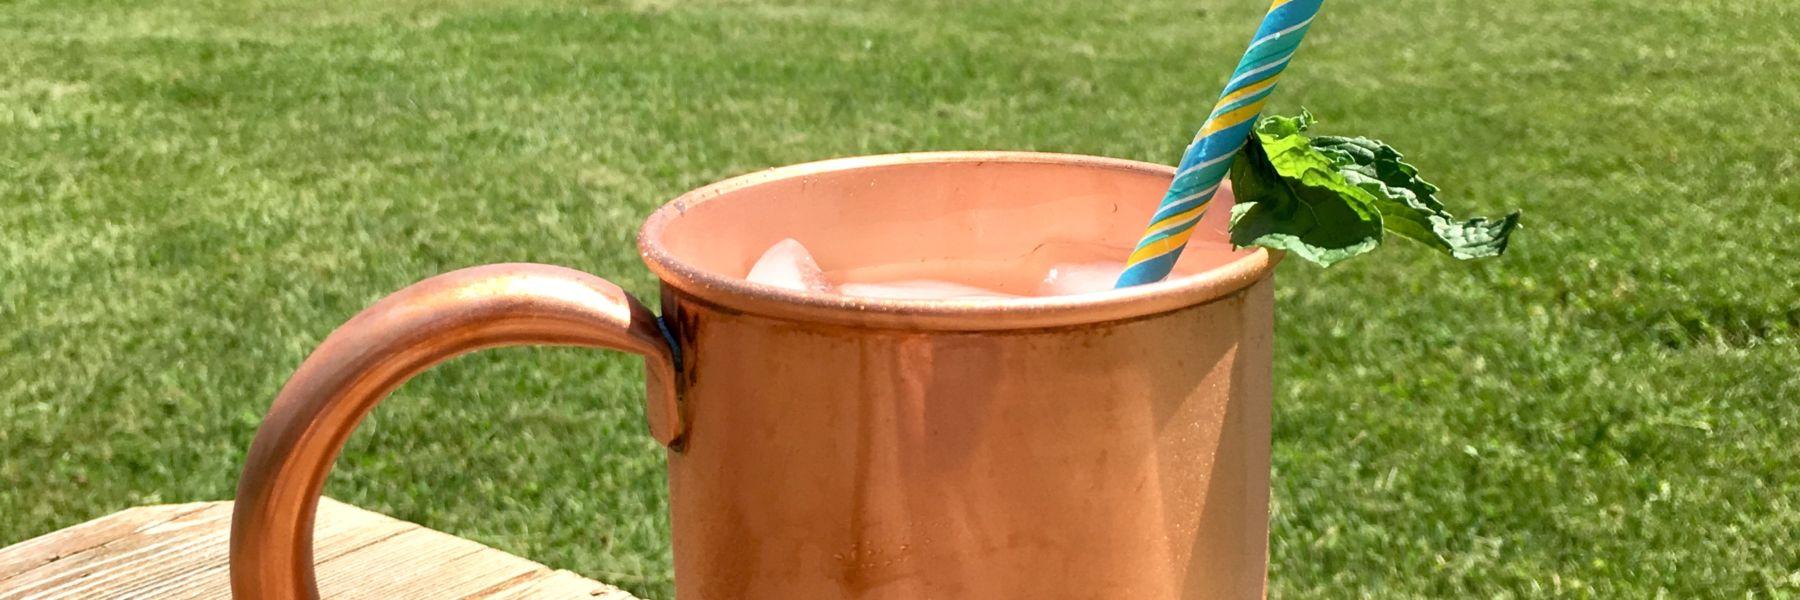 Mojito-copper-mug-summer-drink